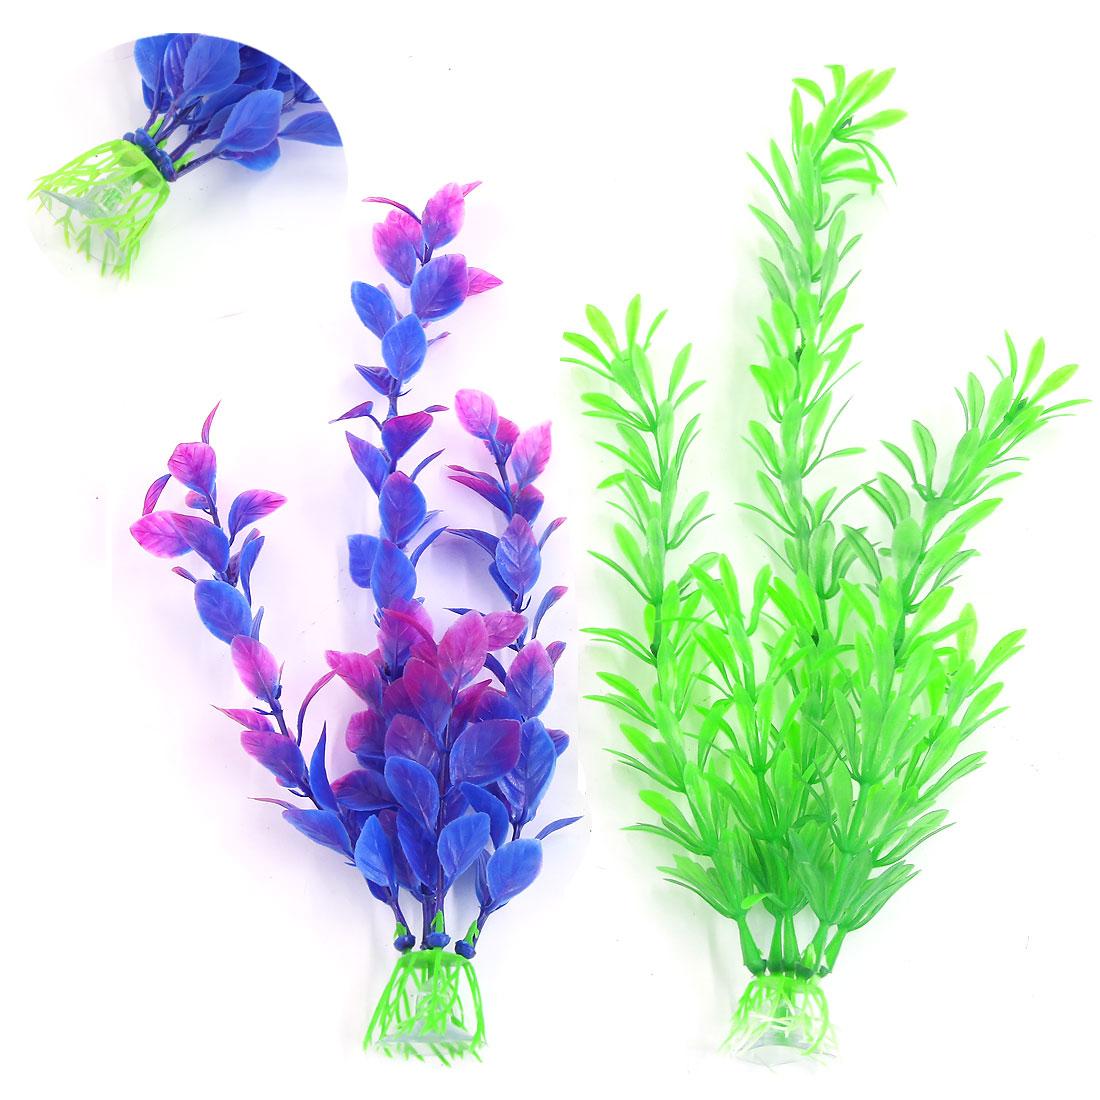 Décoration d'aquarium Plante en plastique avec support à ventouse